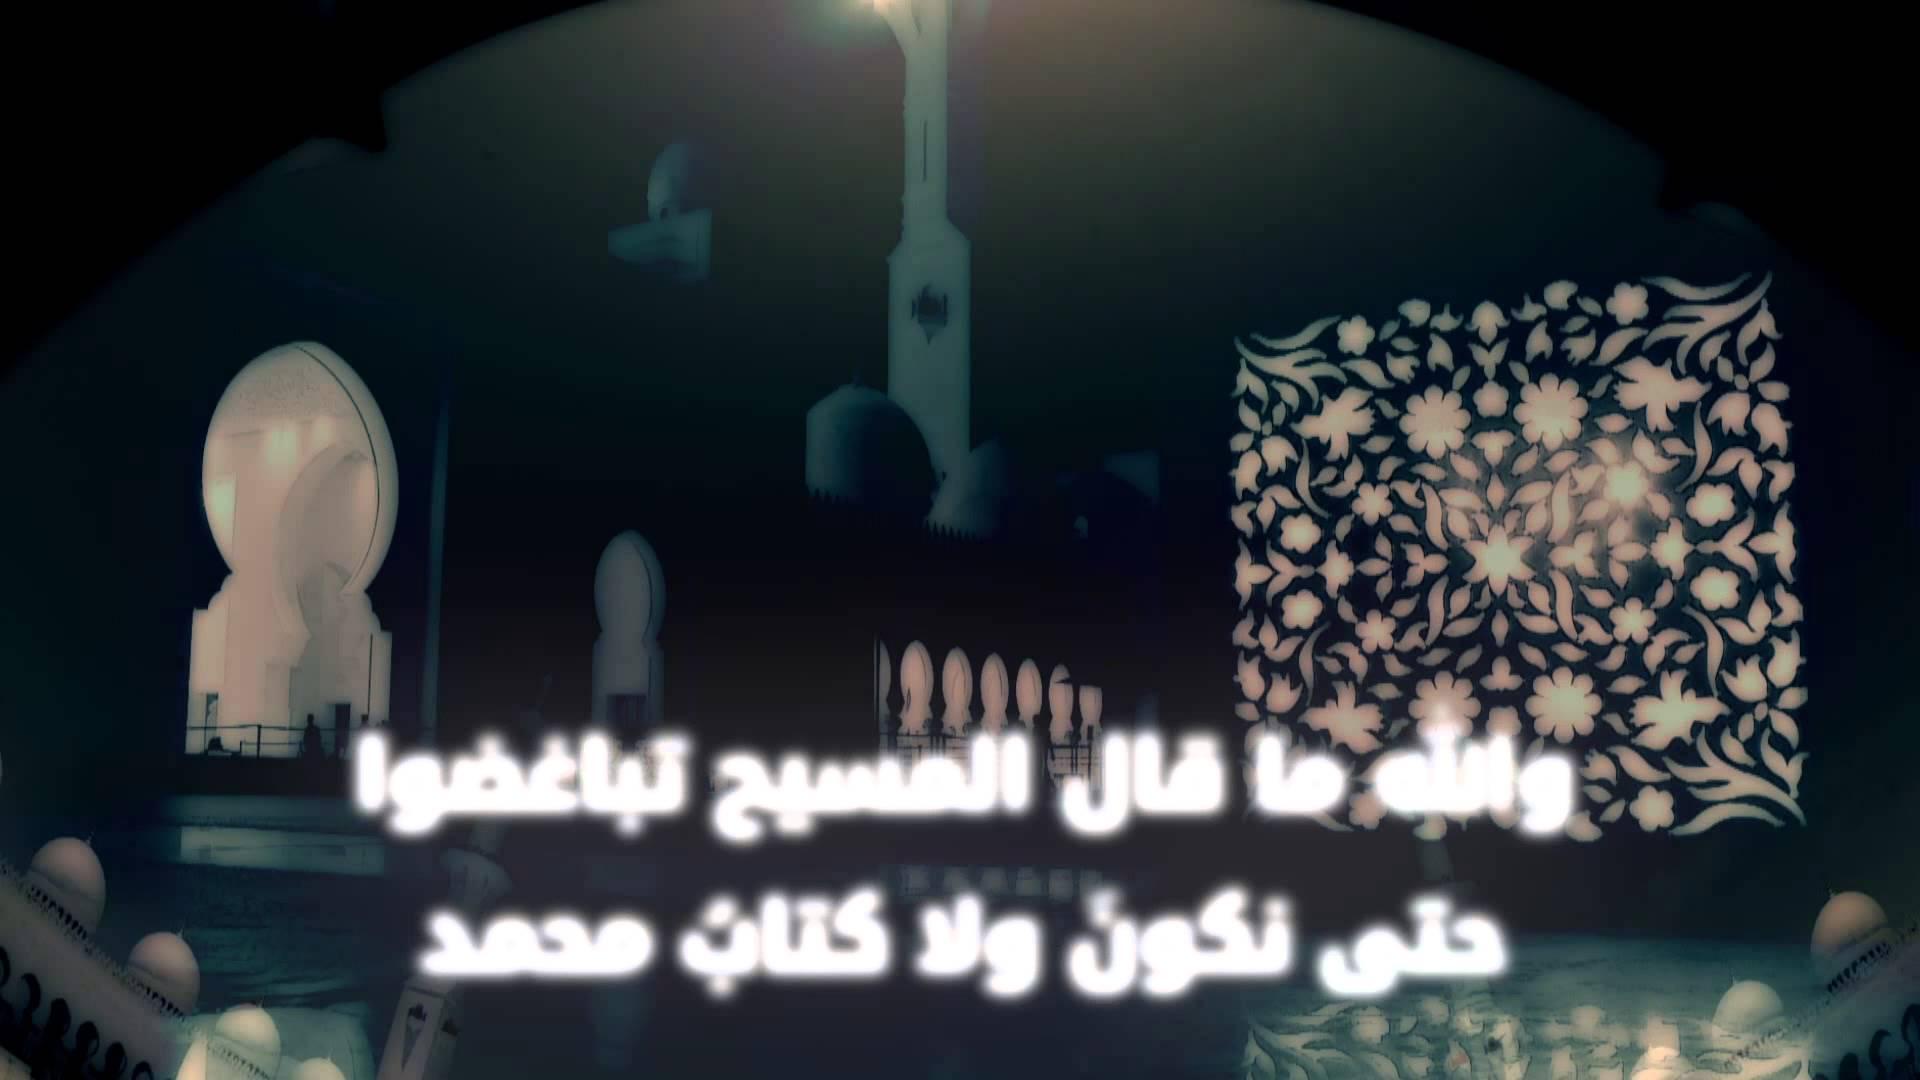 قصائد يسوعية في حب المحمدية